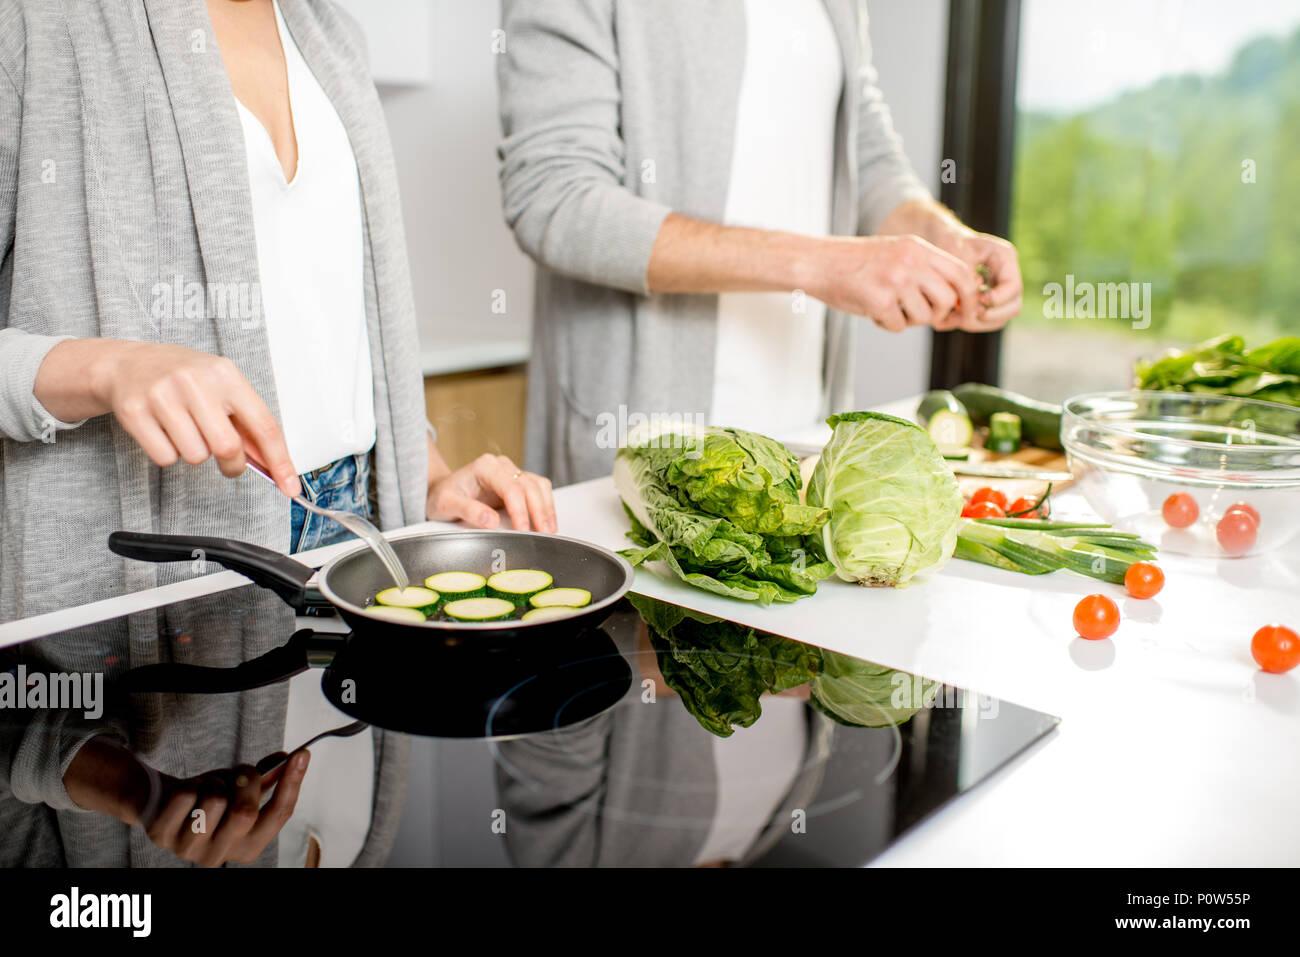 La cuisson des aliments végétariens Photo Stock